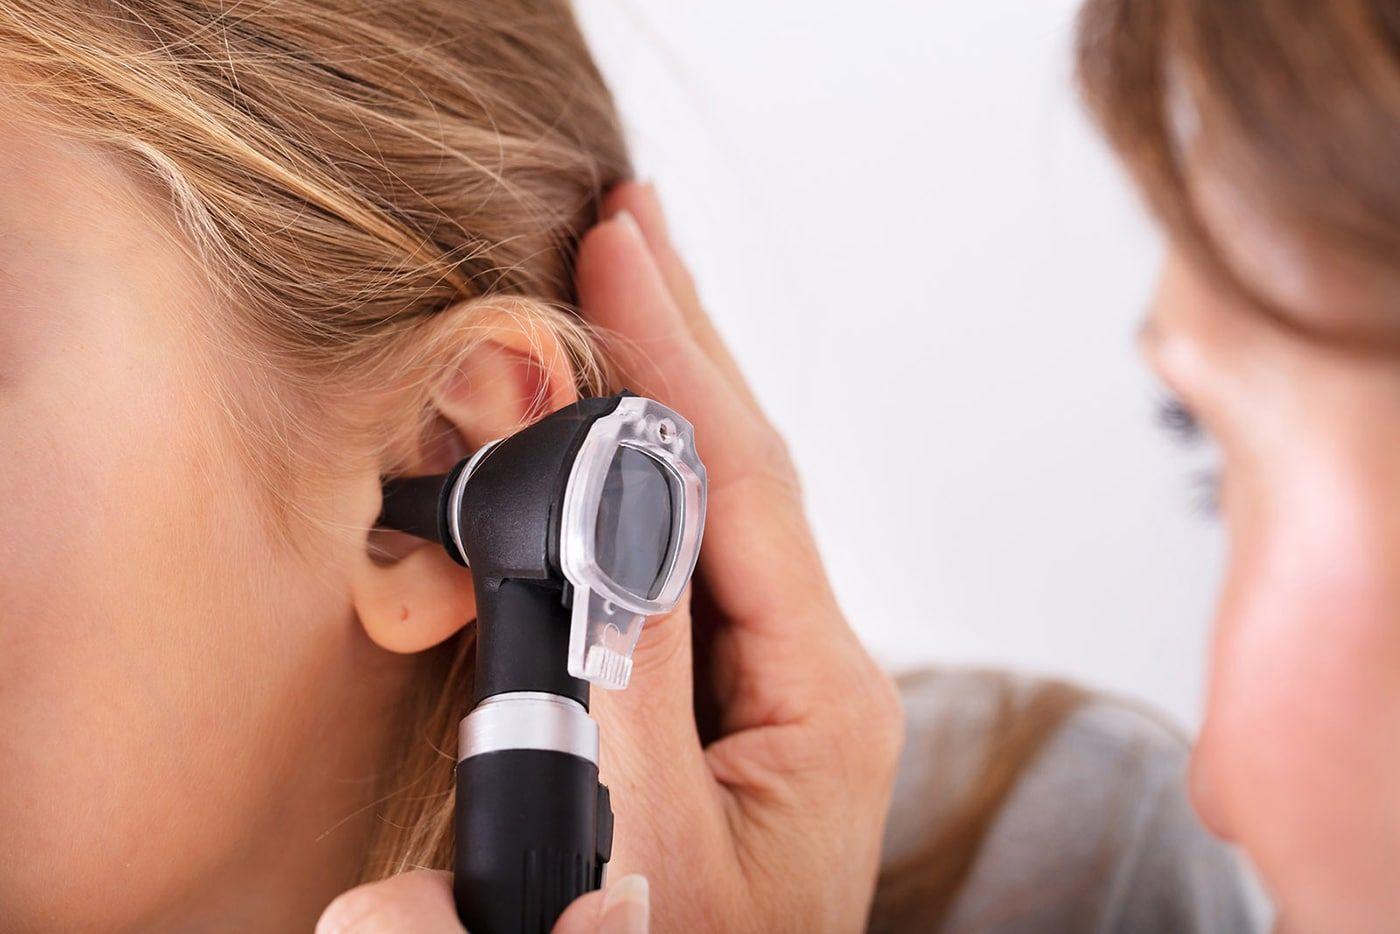 کم شنوایی عصبی